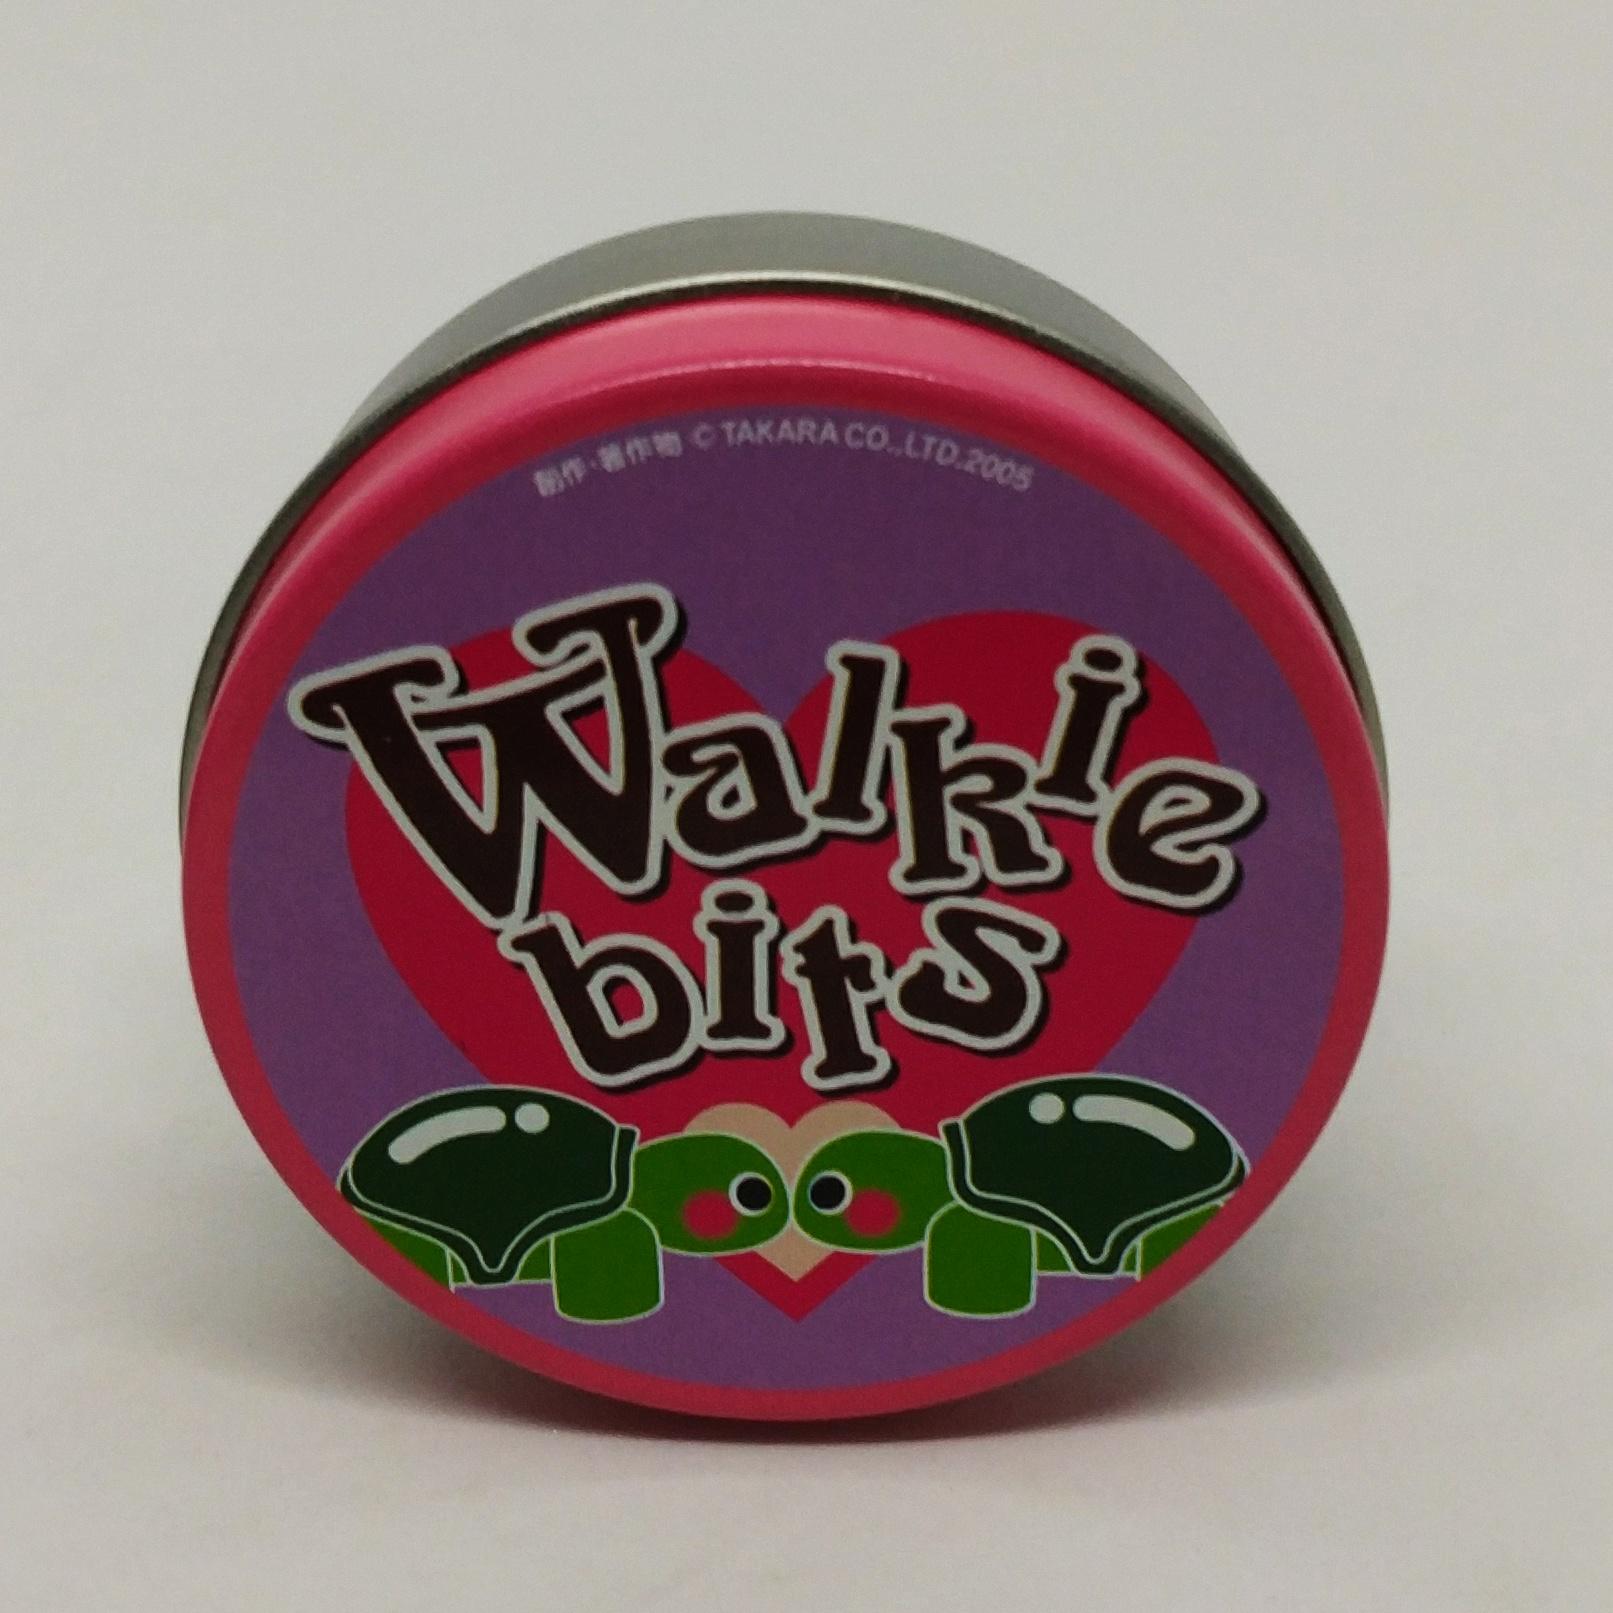 Walkie bits (PEACH 桃子)